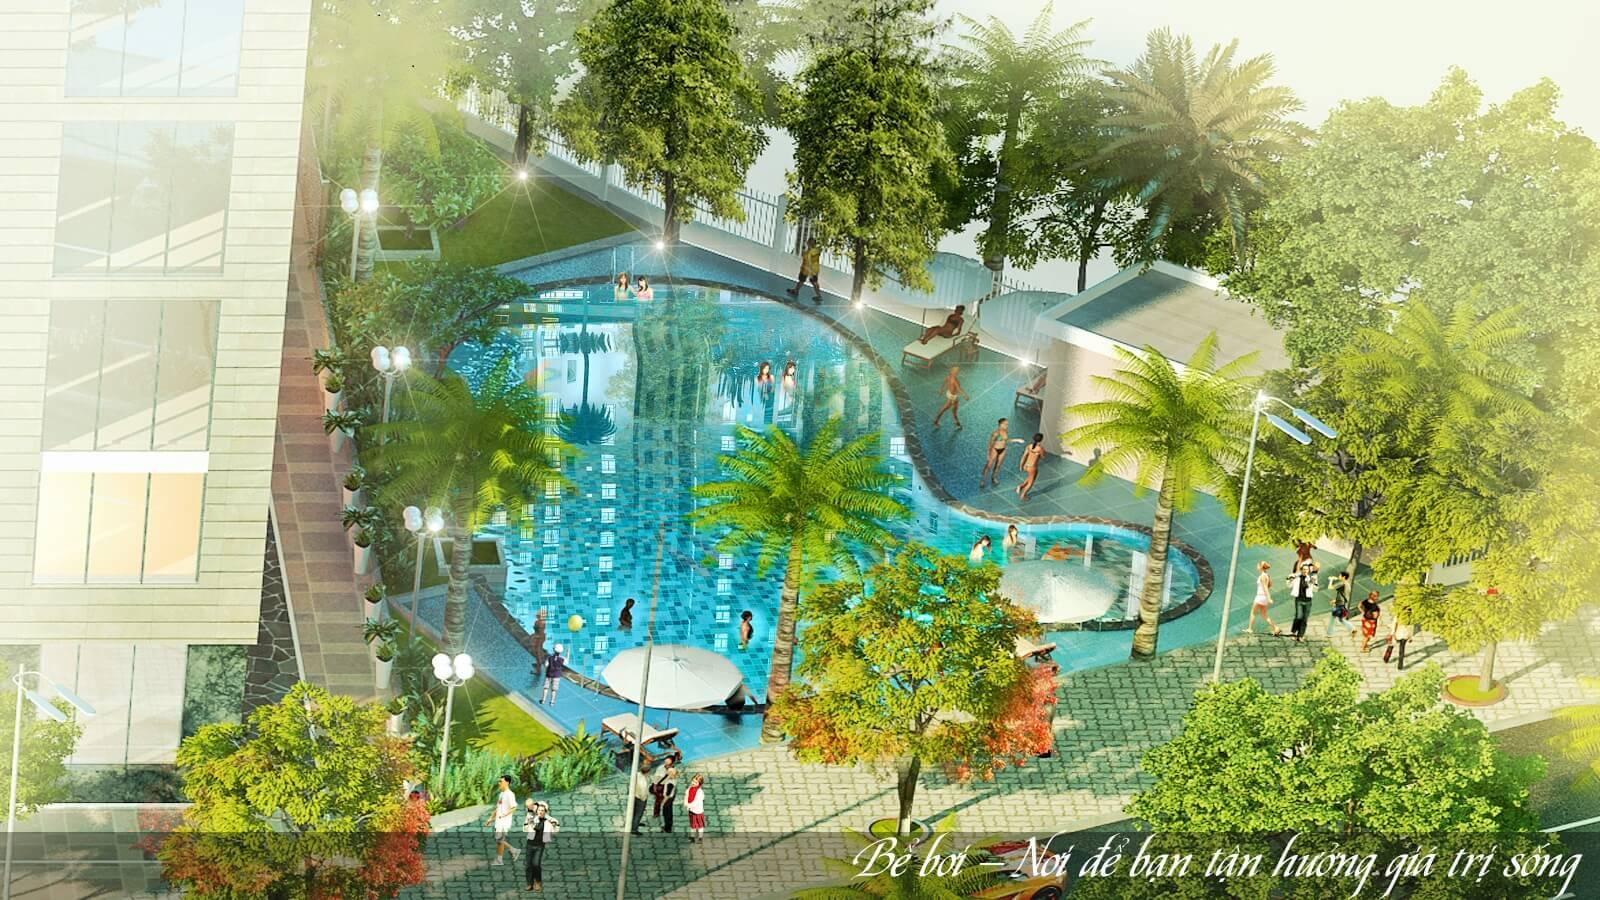 Bể bơi chung cư Lộc Ninh